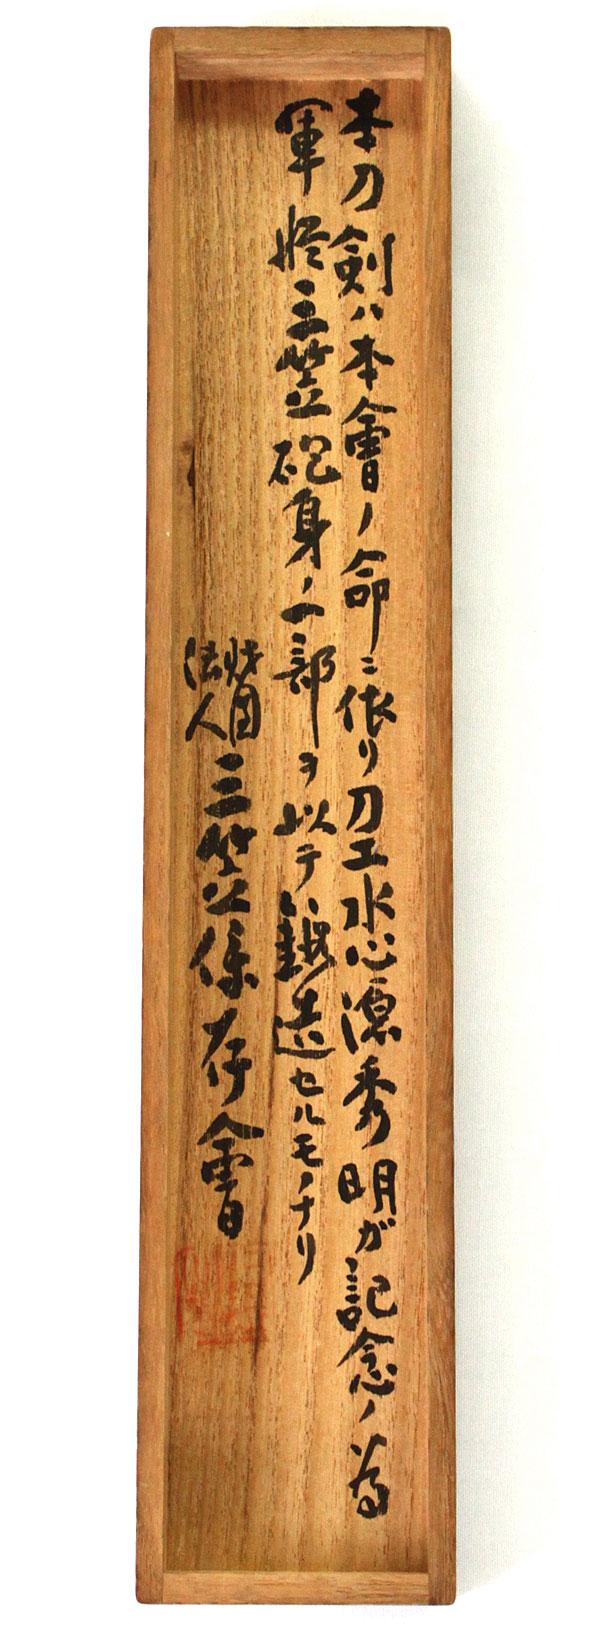 刀 三笠砲鋼 日本製鋼所(伝堀井秀明)(戦艦三笠主砲残鉄)(海軍将官用短剣拵付)